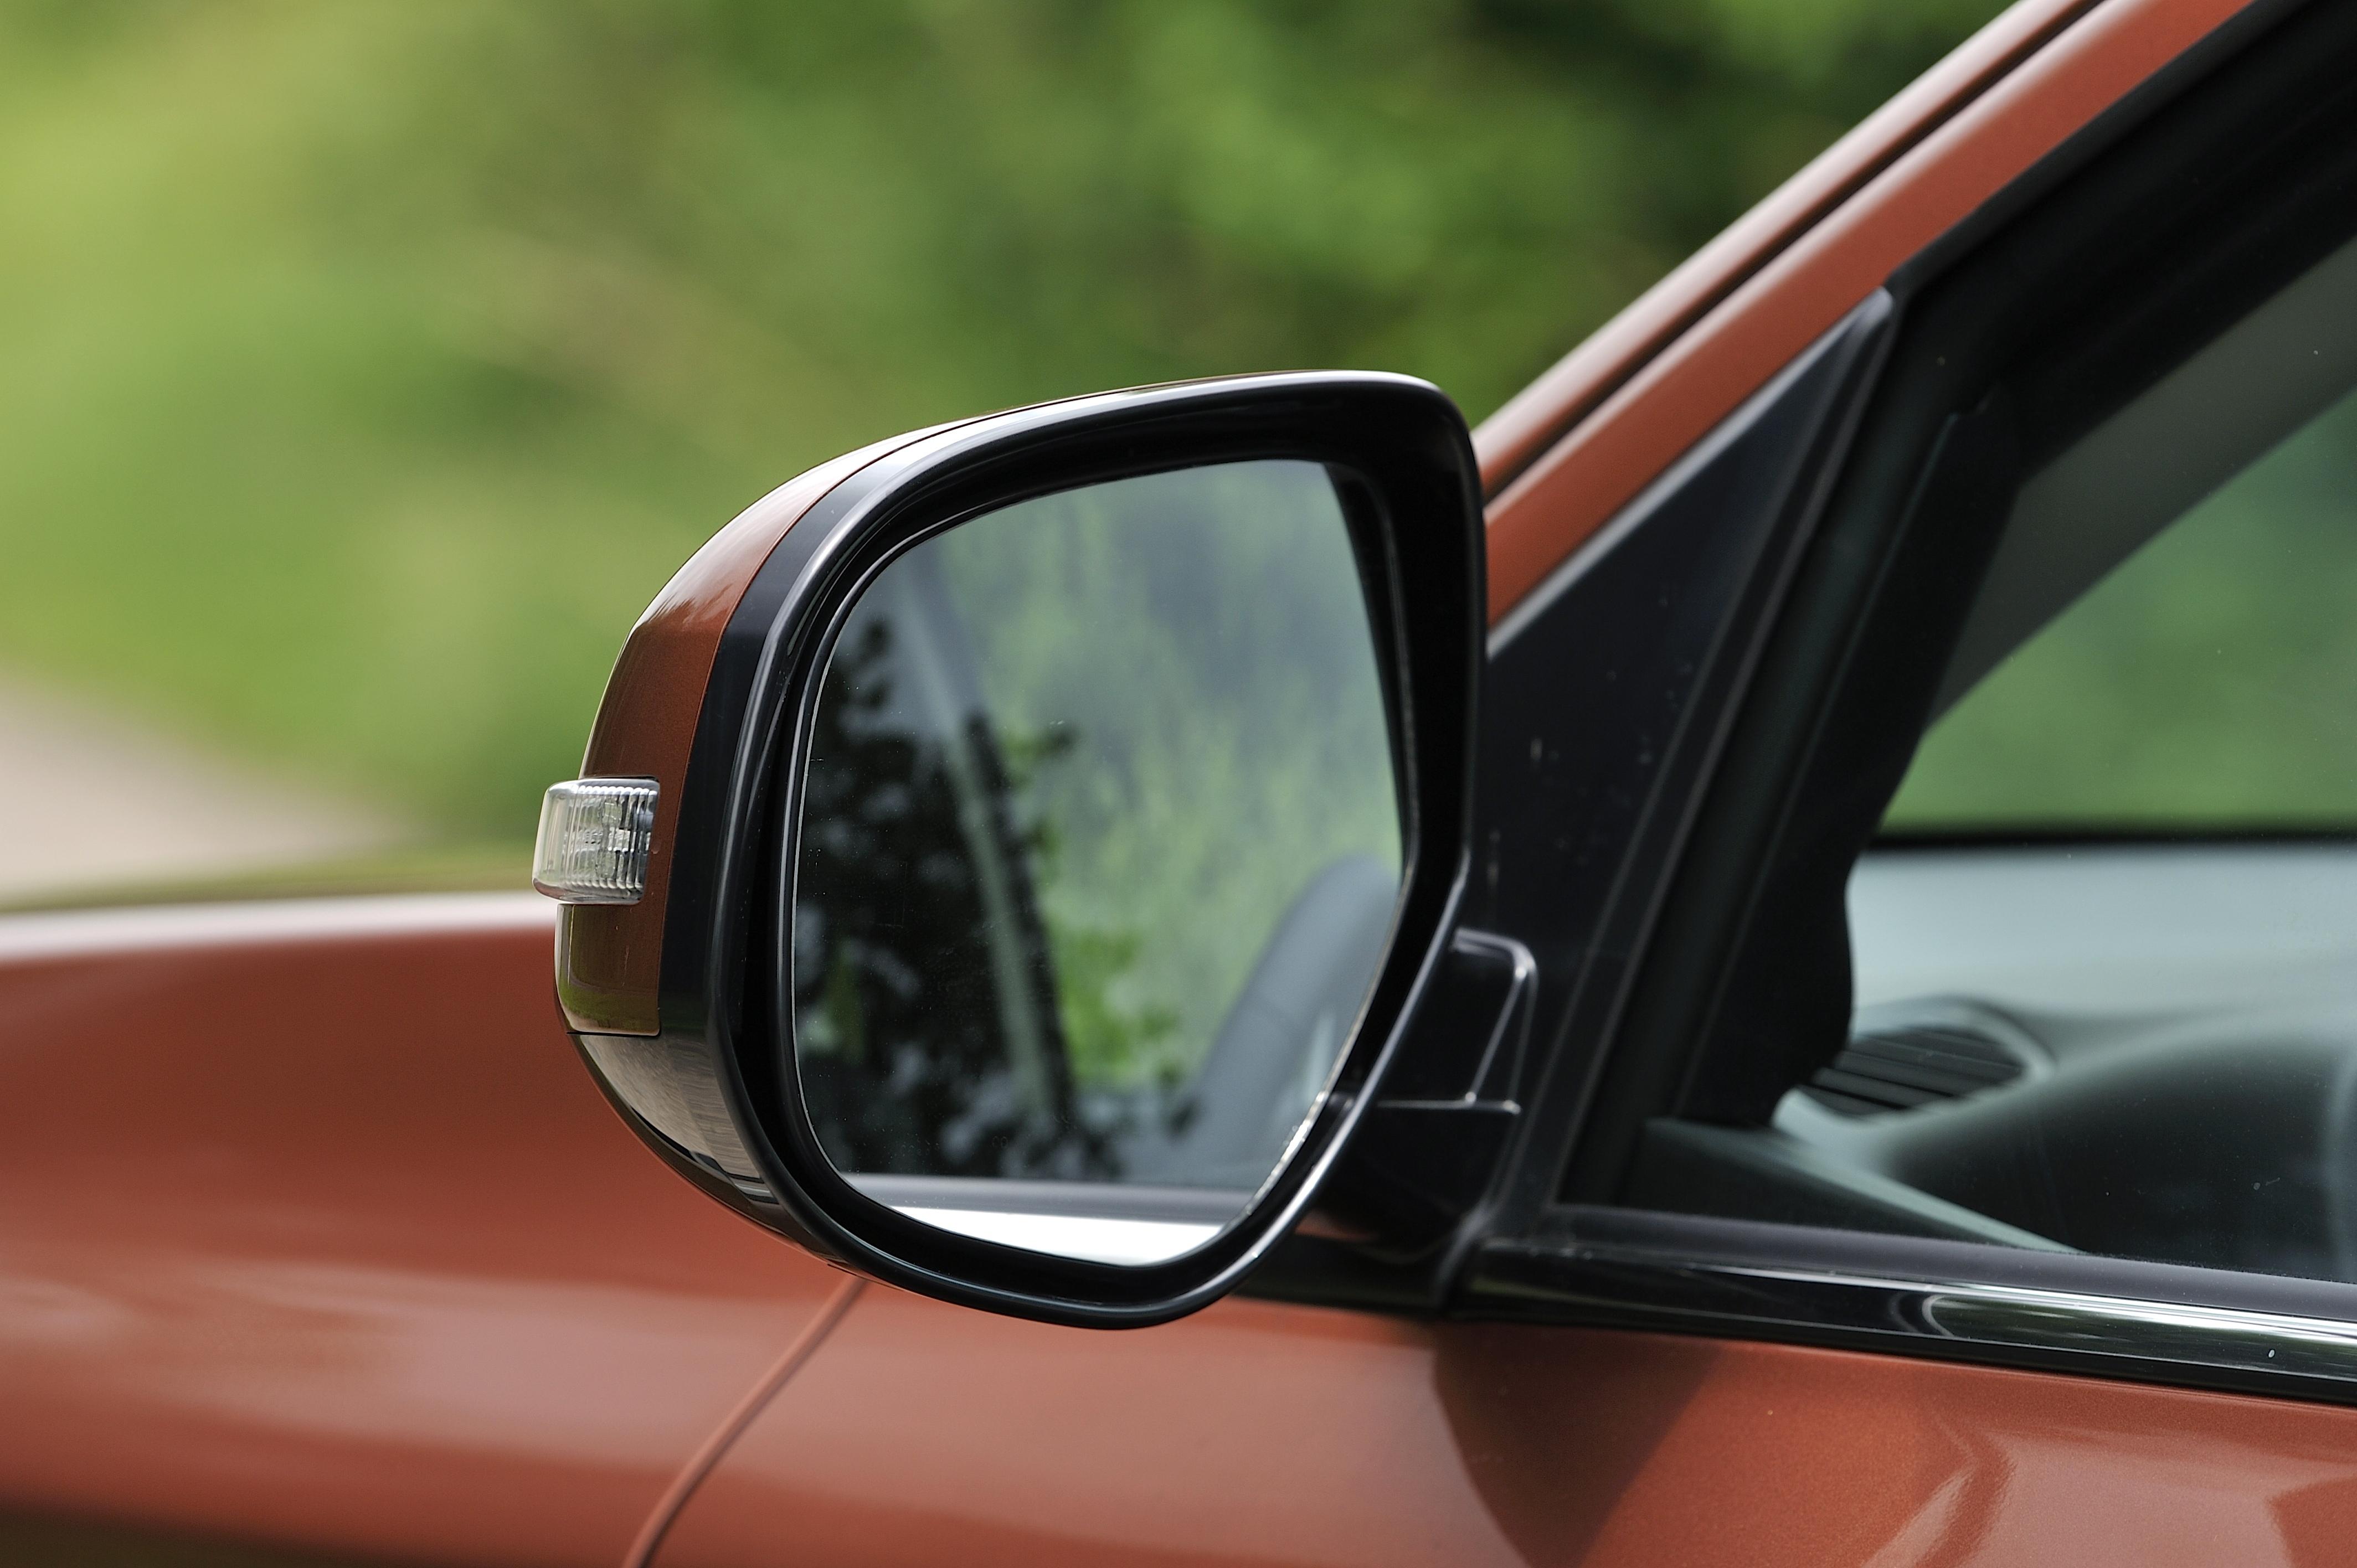 Hintergrundbilder : Sonnenbrille, Brille, Fahrzeug, Glas